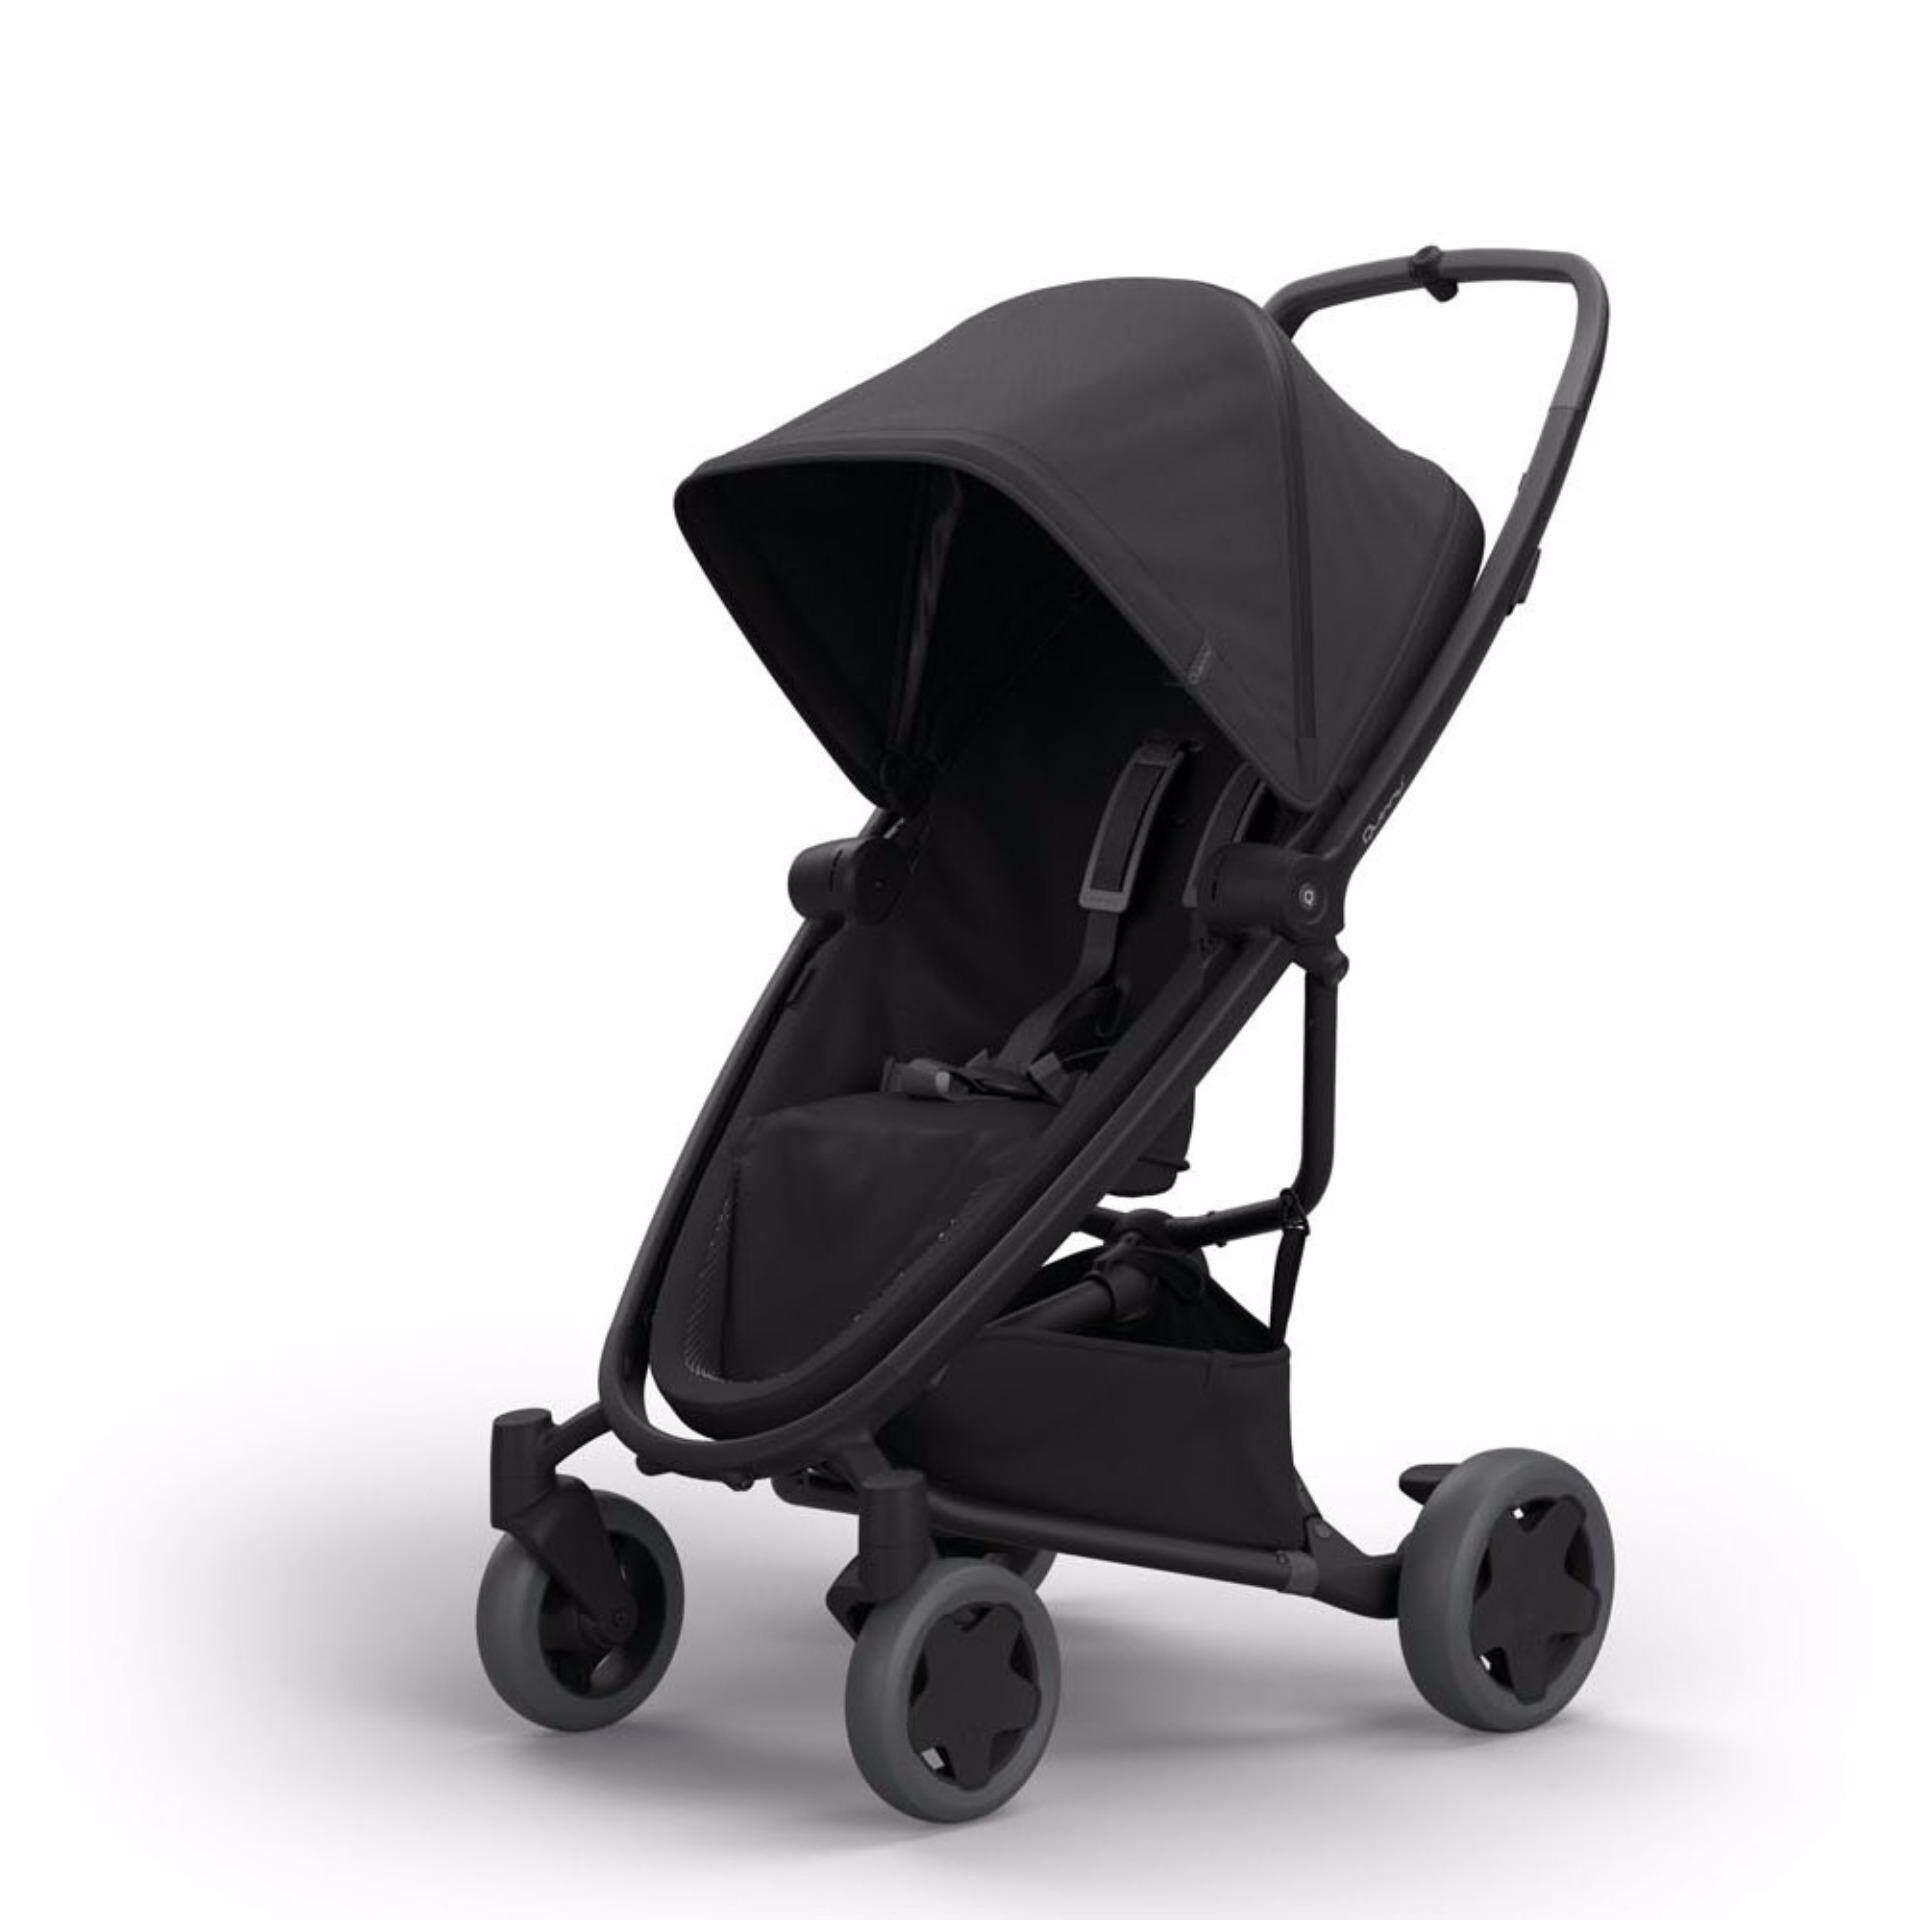 ลดราคาต่ำสุดฉลองยอดขาย IBeauty อุปกรณ์เสริมรถเข็นเด็ก เบาะรองนอนสำหรับใส่ในรถเข็นเด็ก สีเขียว เบาะนุ่ม ทำความสะอาดง่าย ป้องกันรถเข็นเลอะ รีวิวที่ดีที่สุด